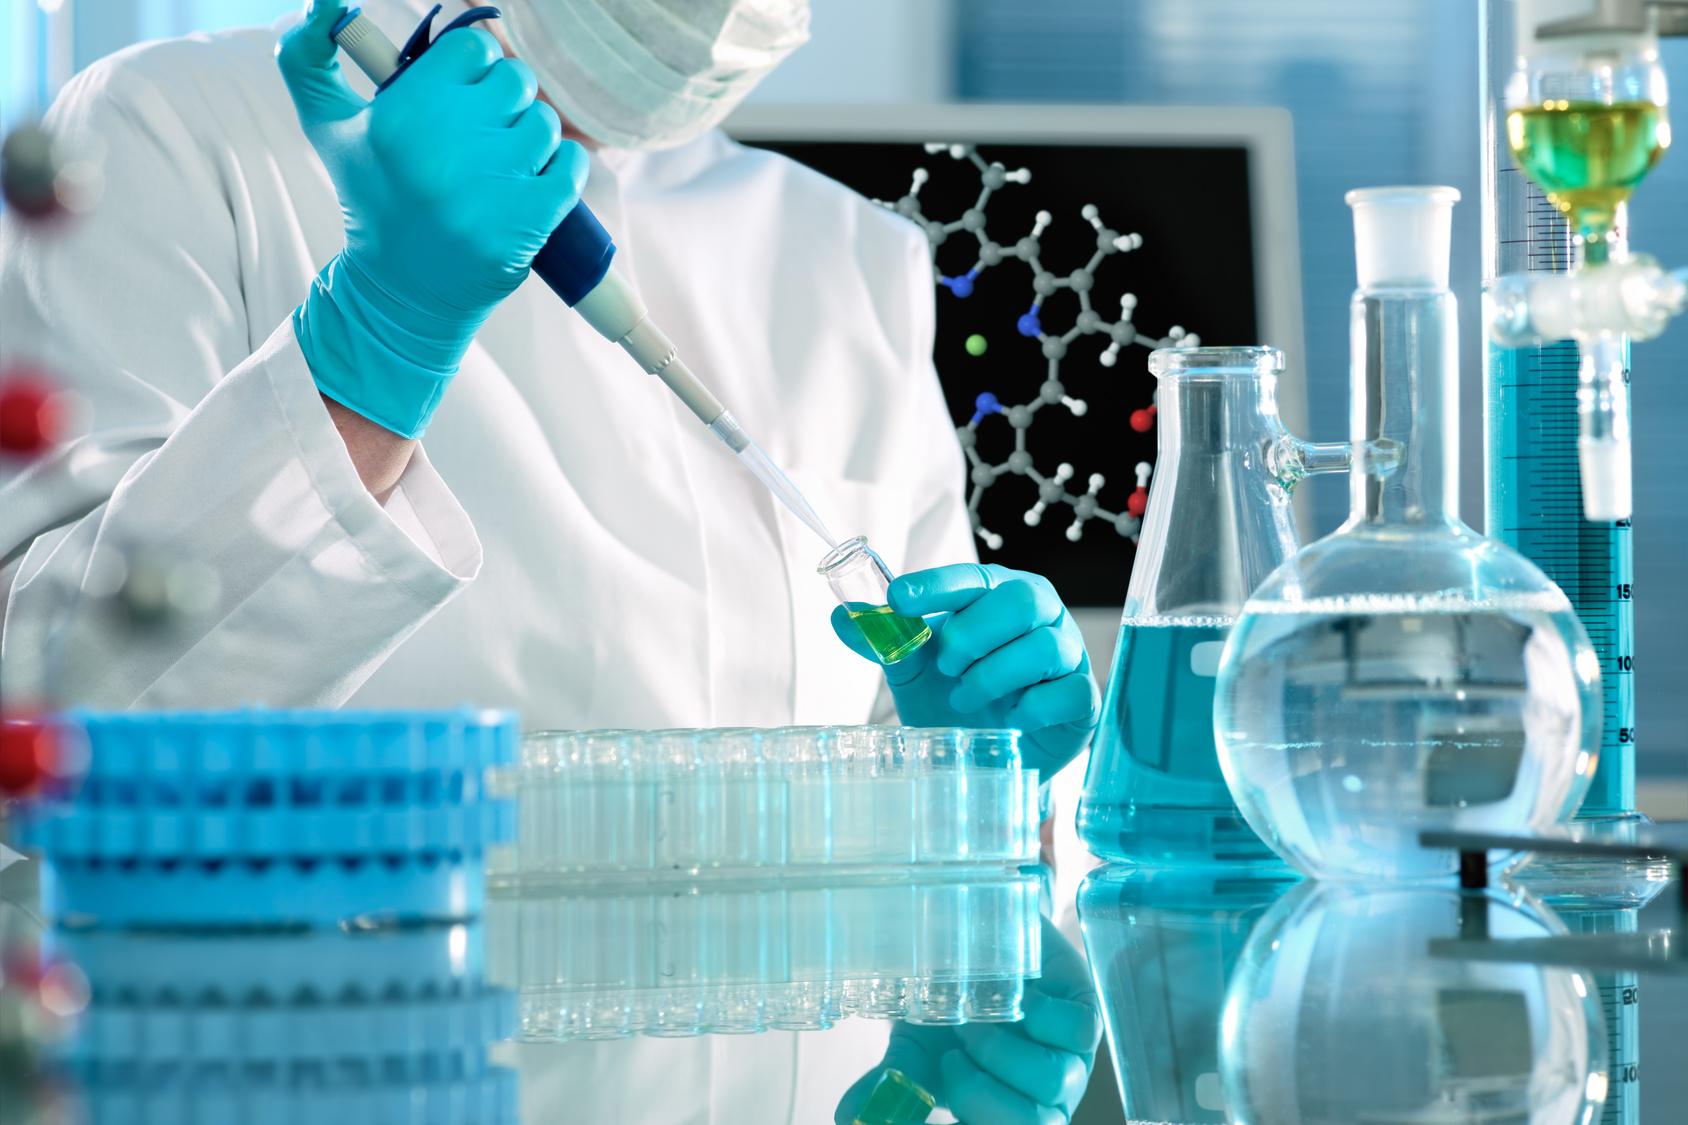 la recherche scientifique